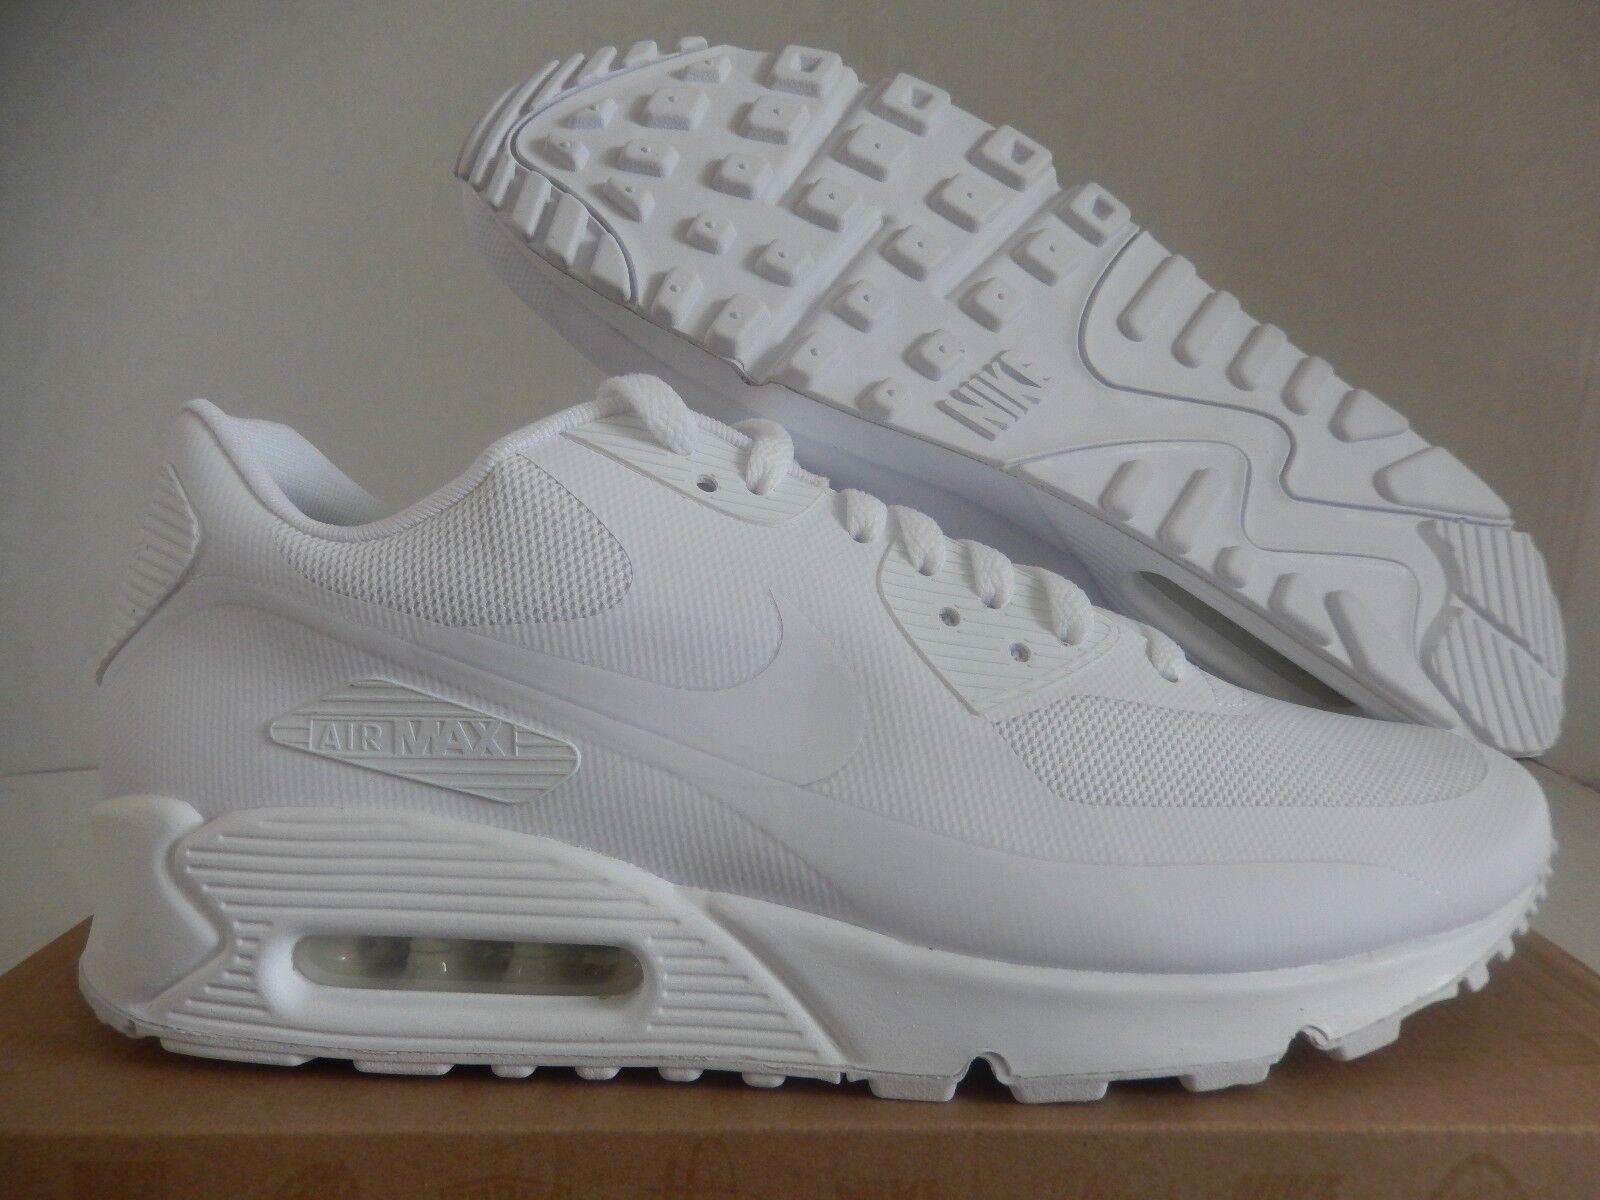 b7be2eb249e3 Nike Air Max 90 HYP Hyperfuse QS